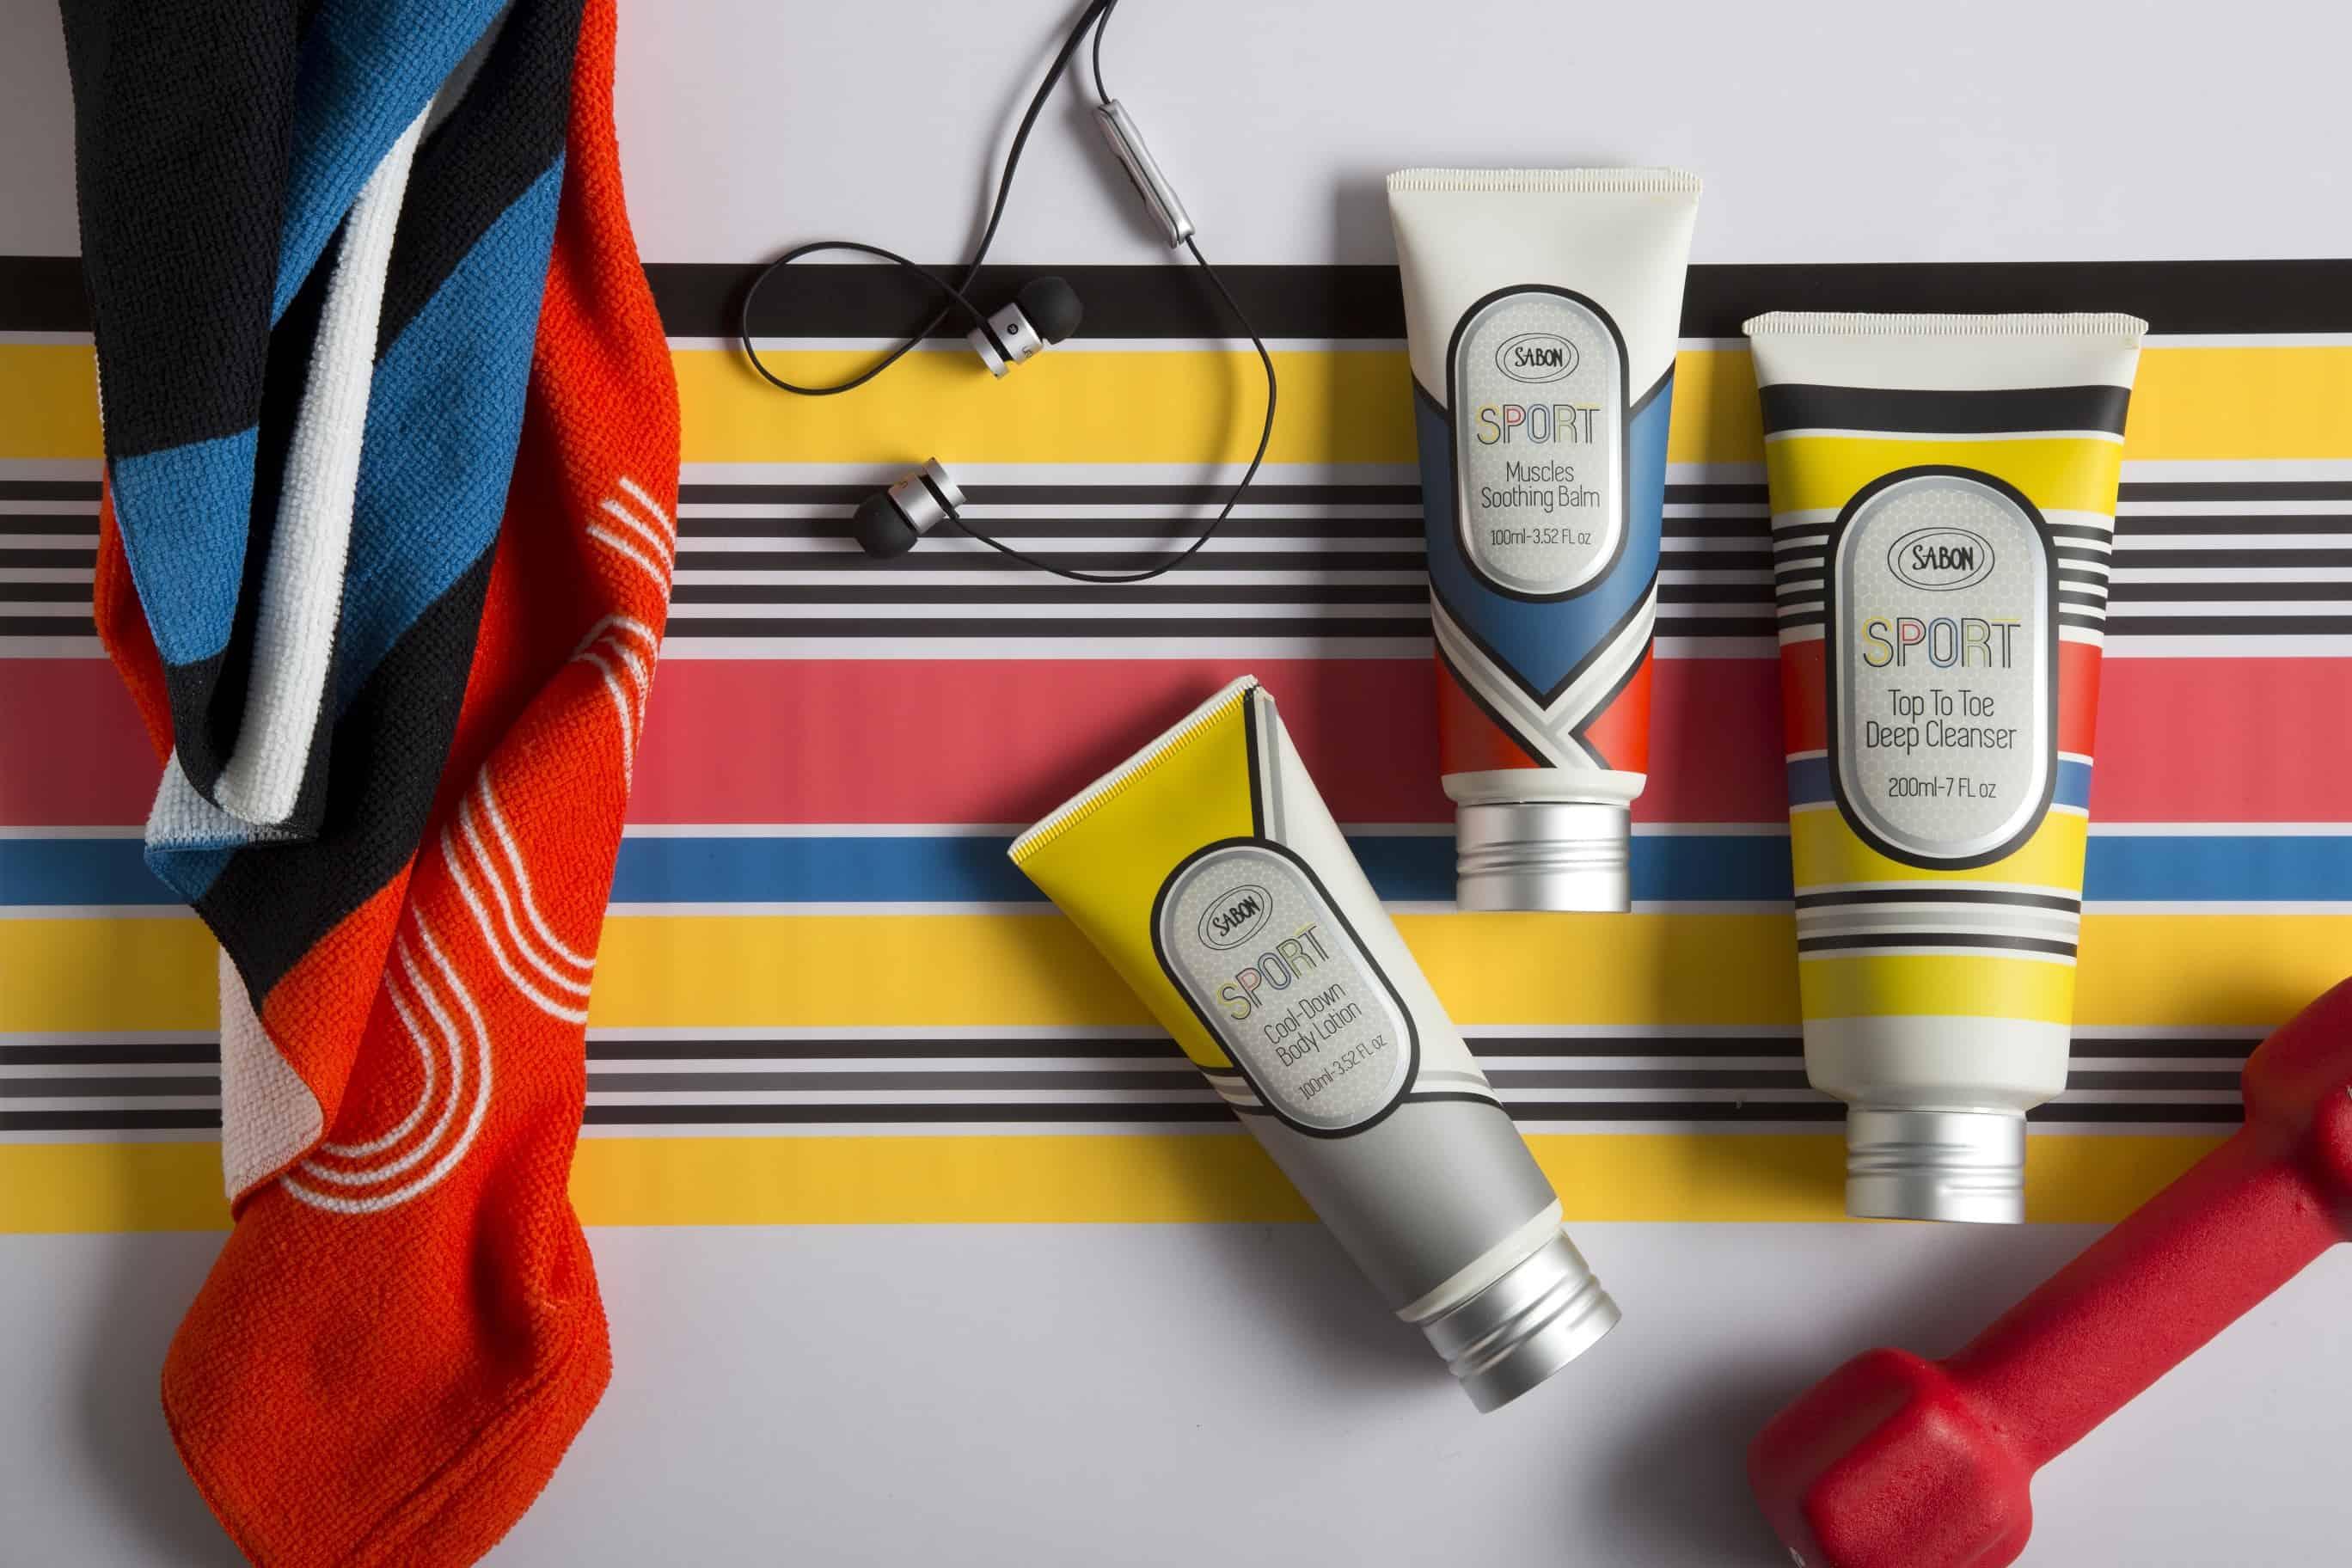 קולקציית סבון ספורט, צילום דן לב2